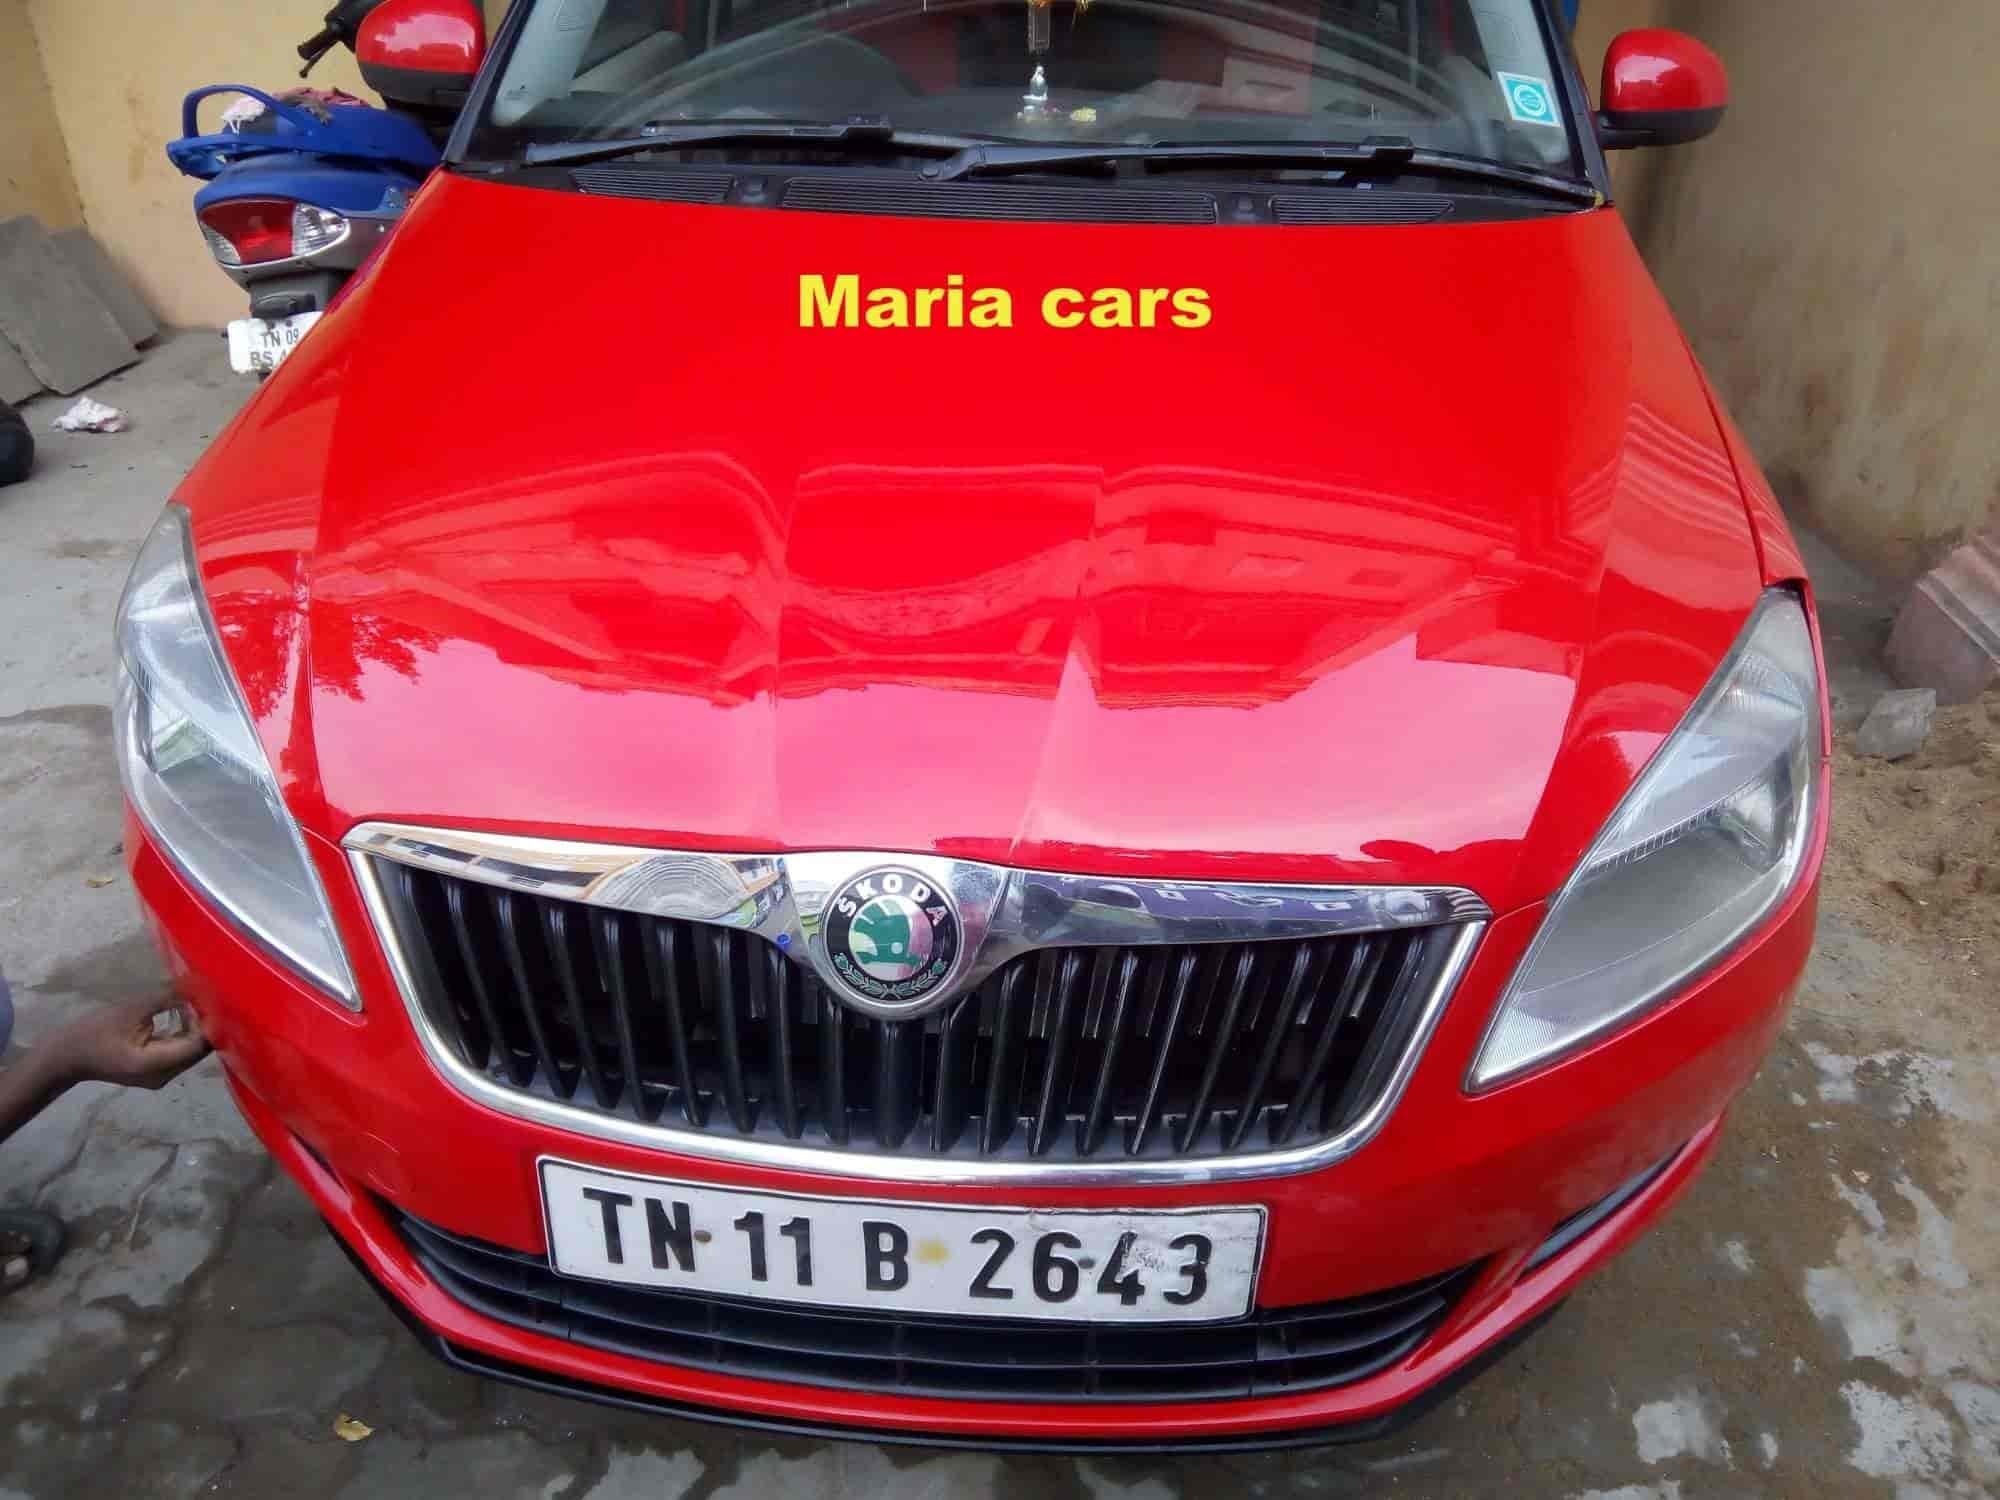 Maria Cars Guindy Car Repair Services In Chennai Justdial